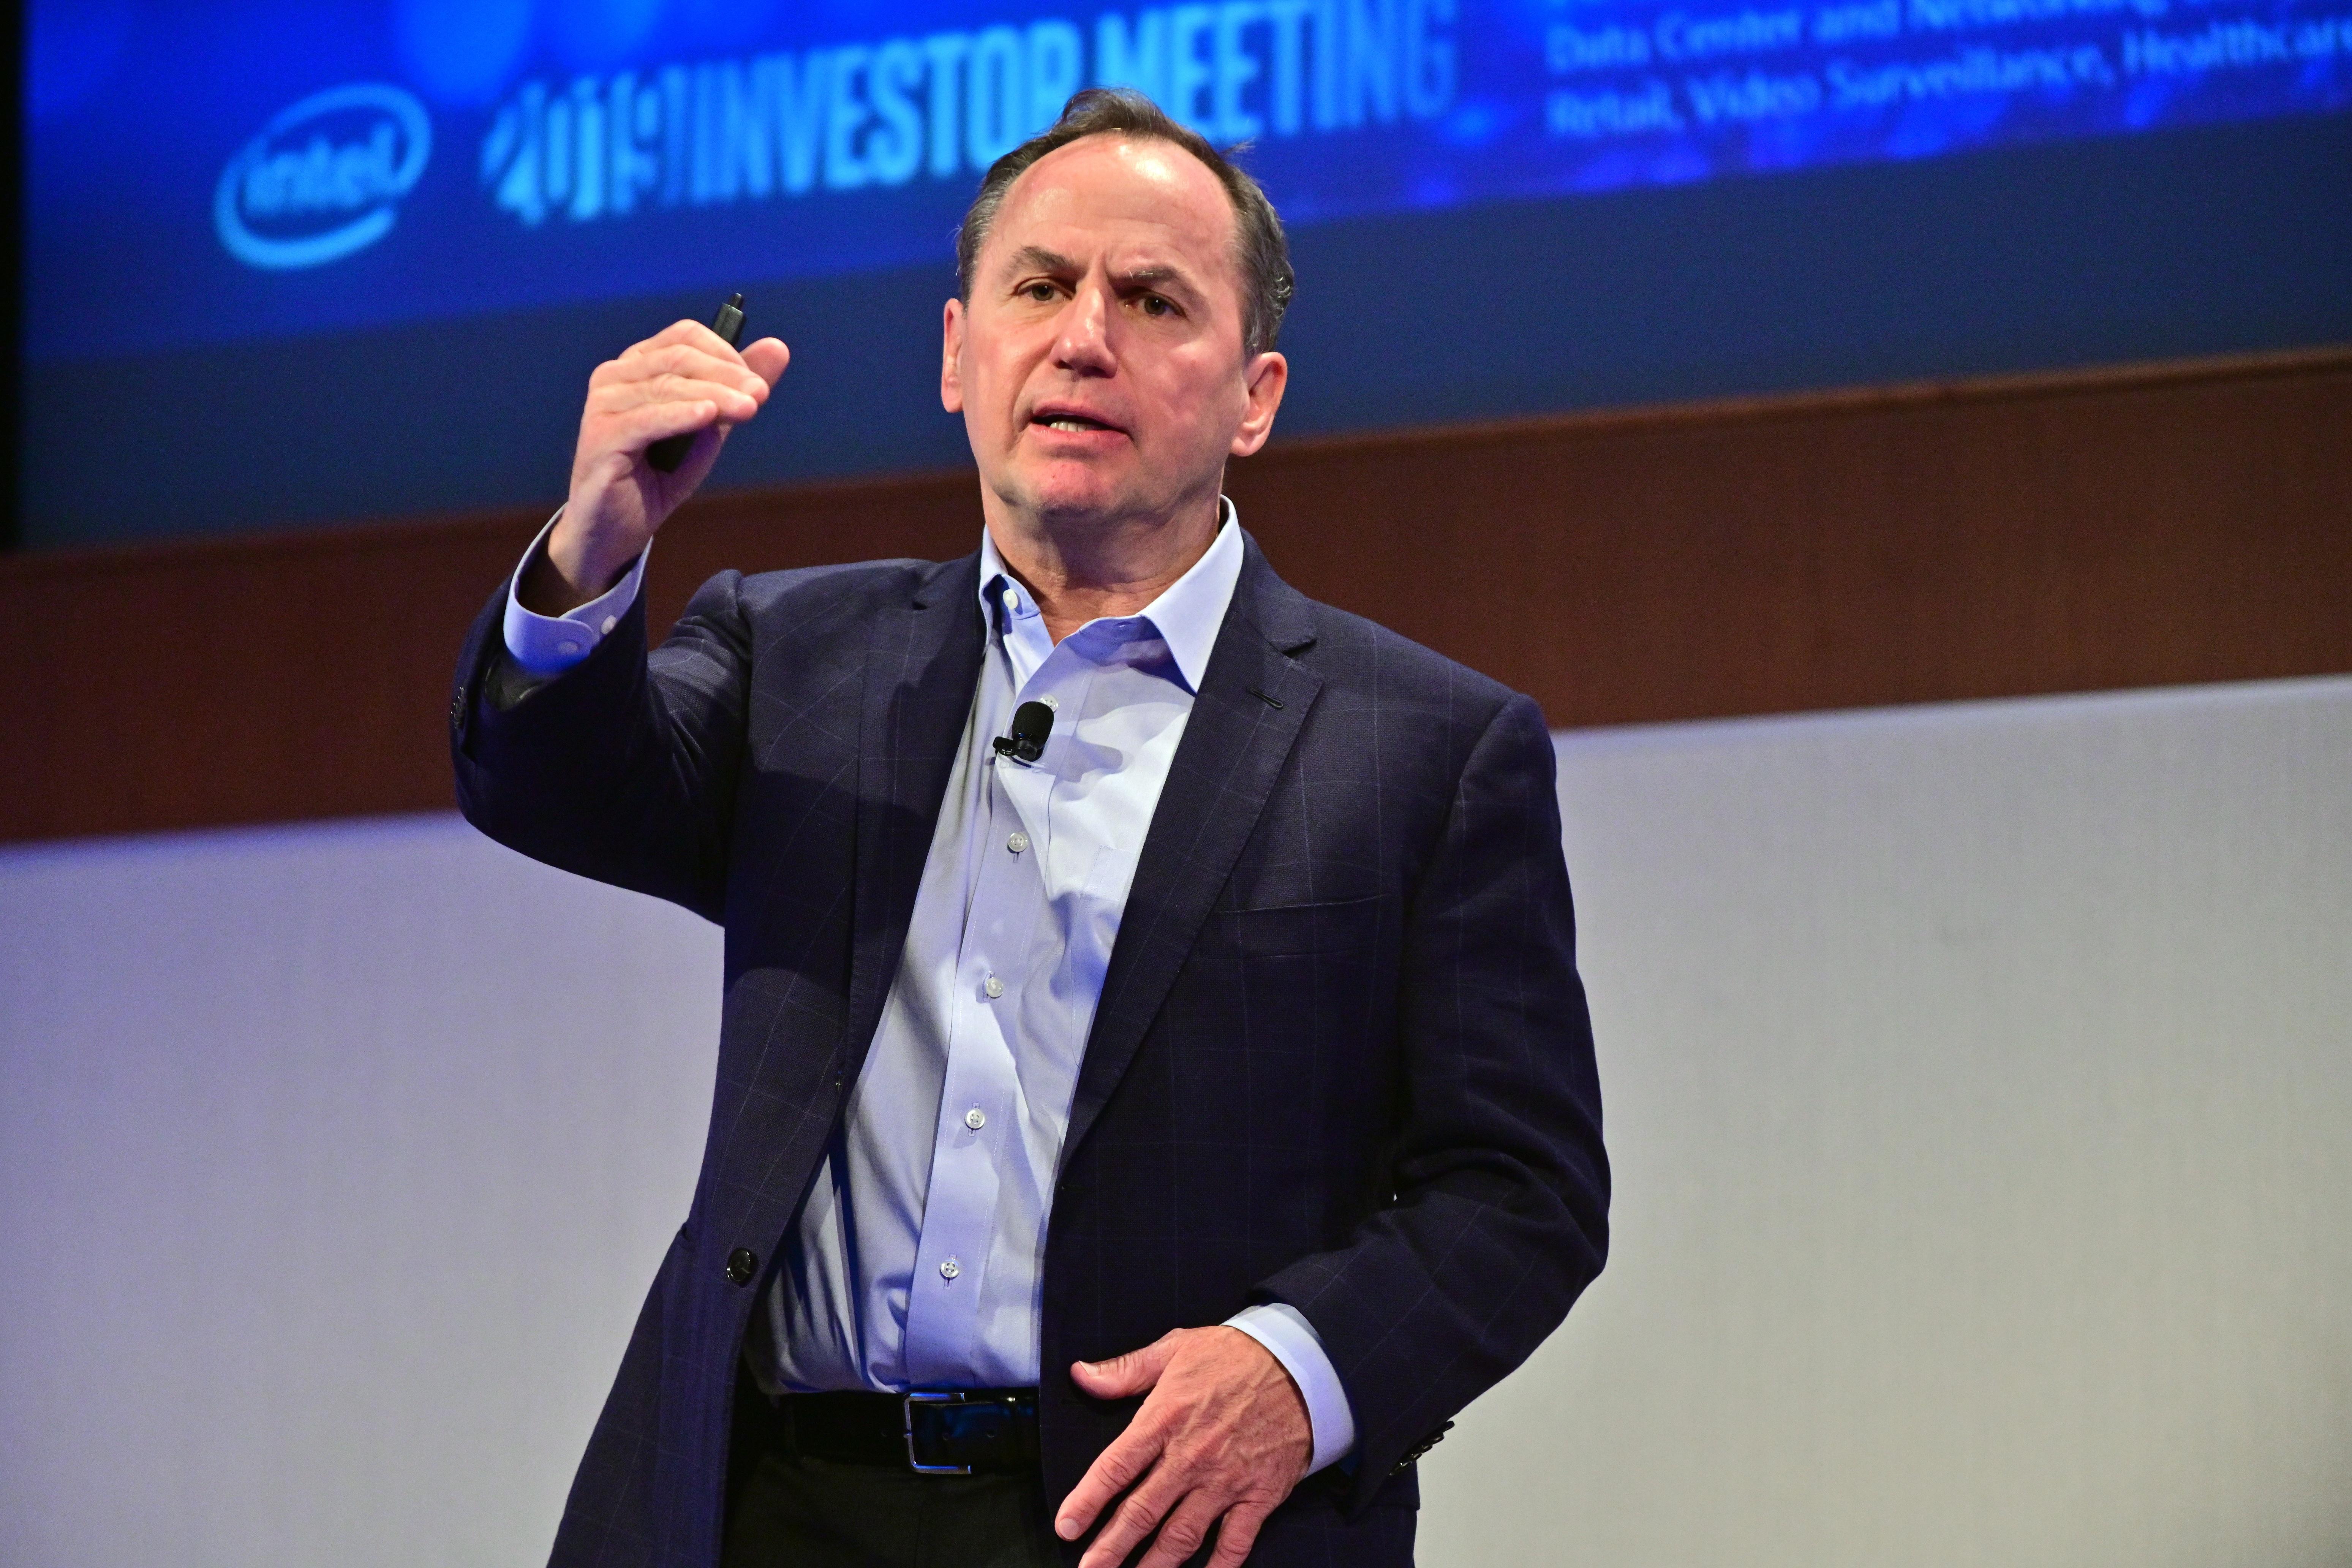 Intel-Investor-Meeting-Swan-1